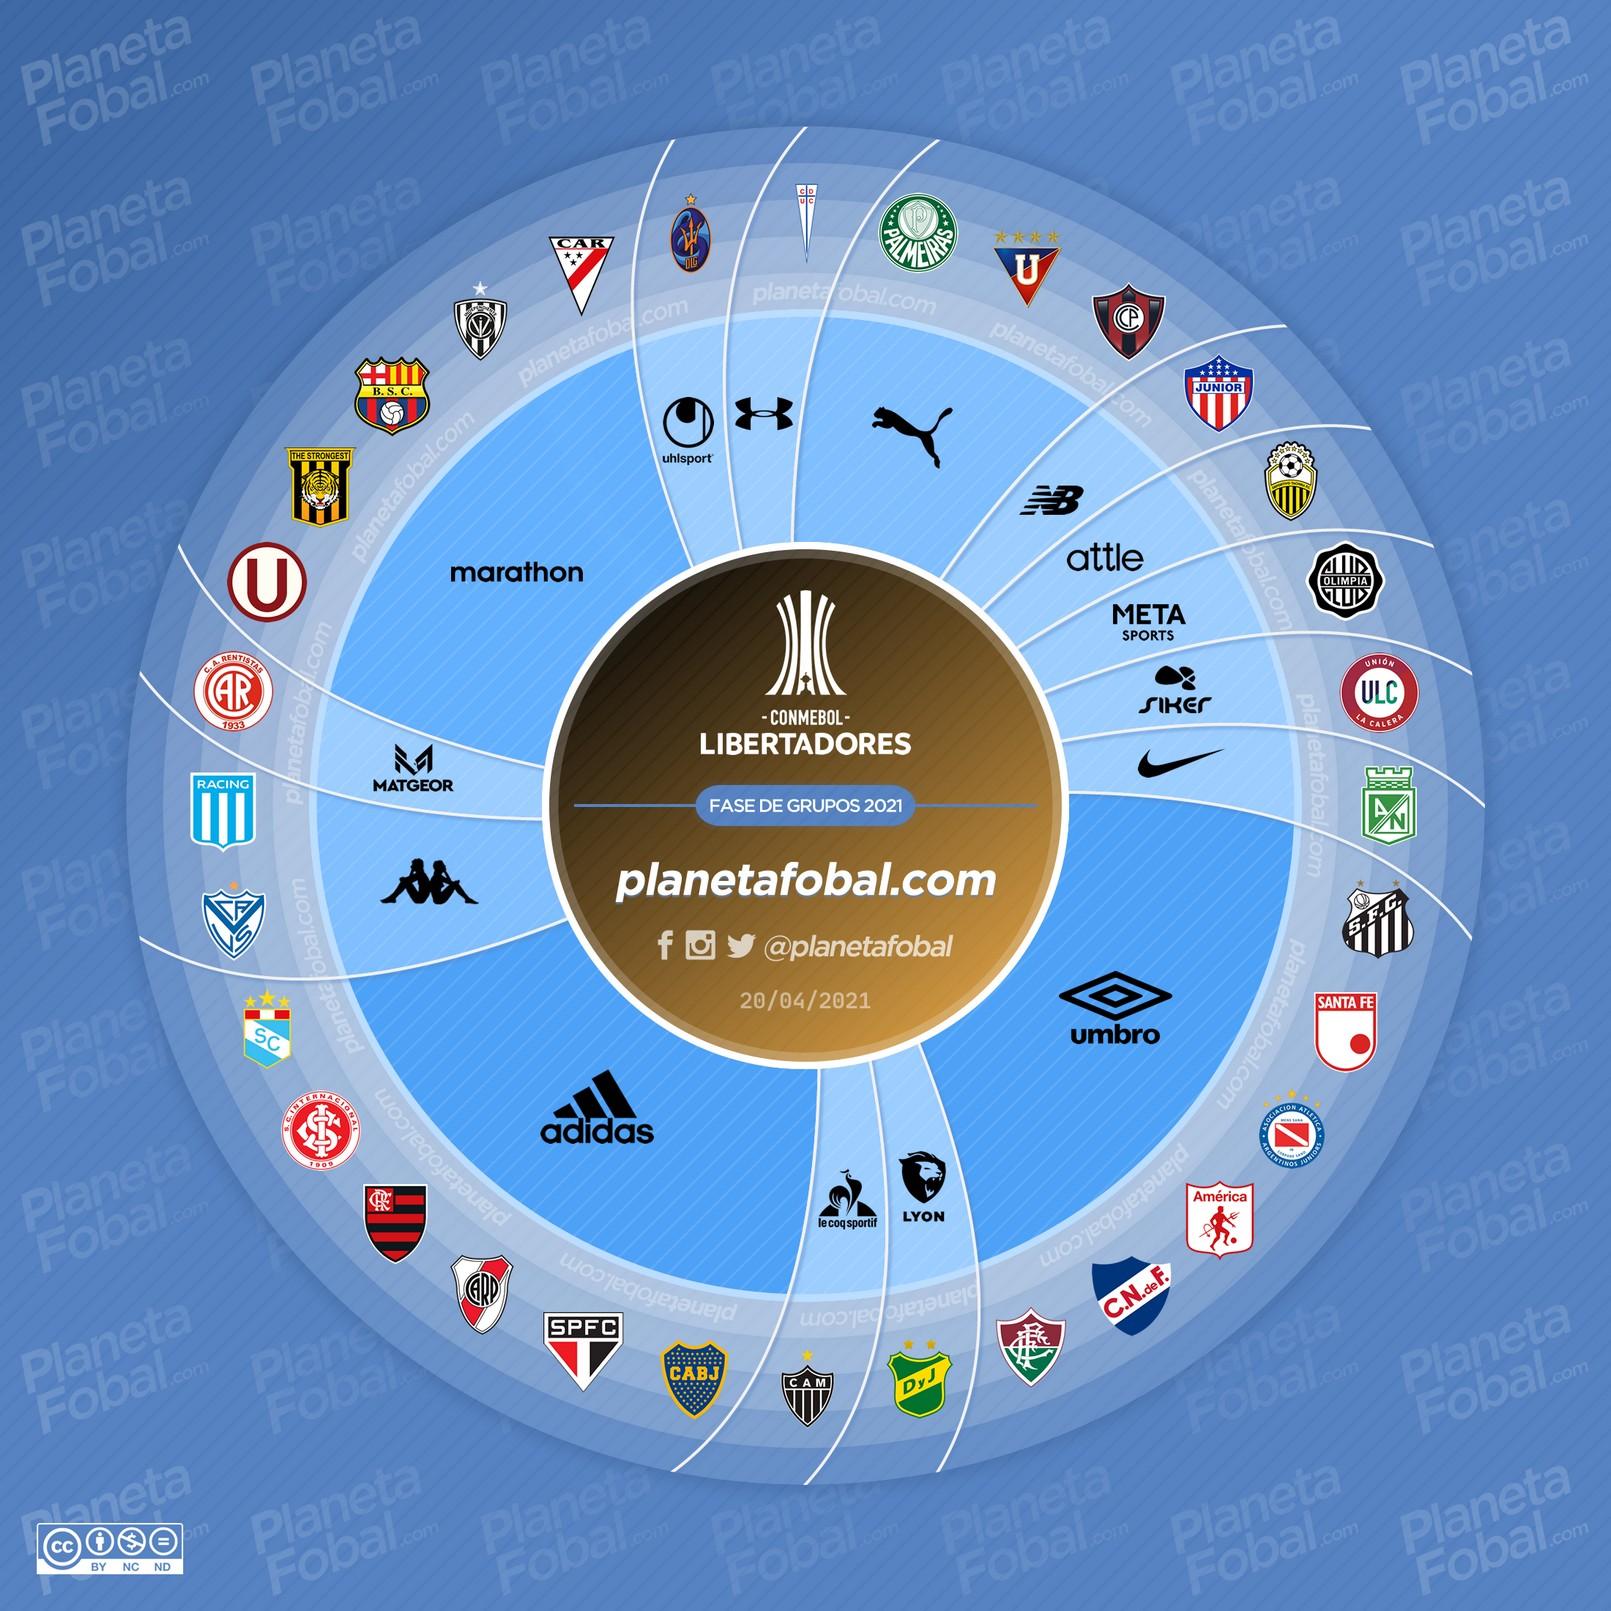 Marcas deportivas de la Copa Libertadores 2021